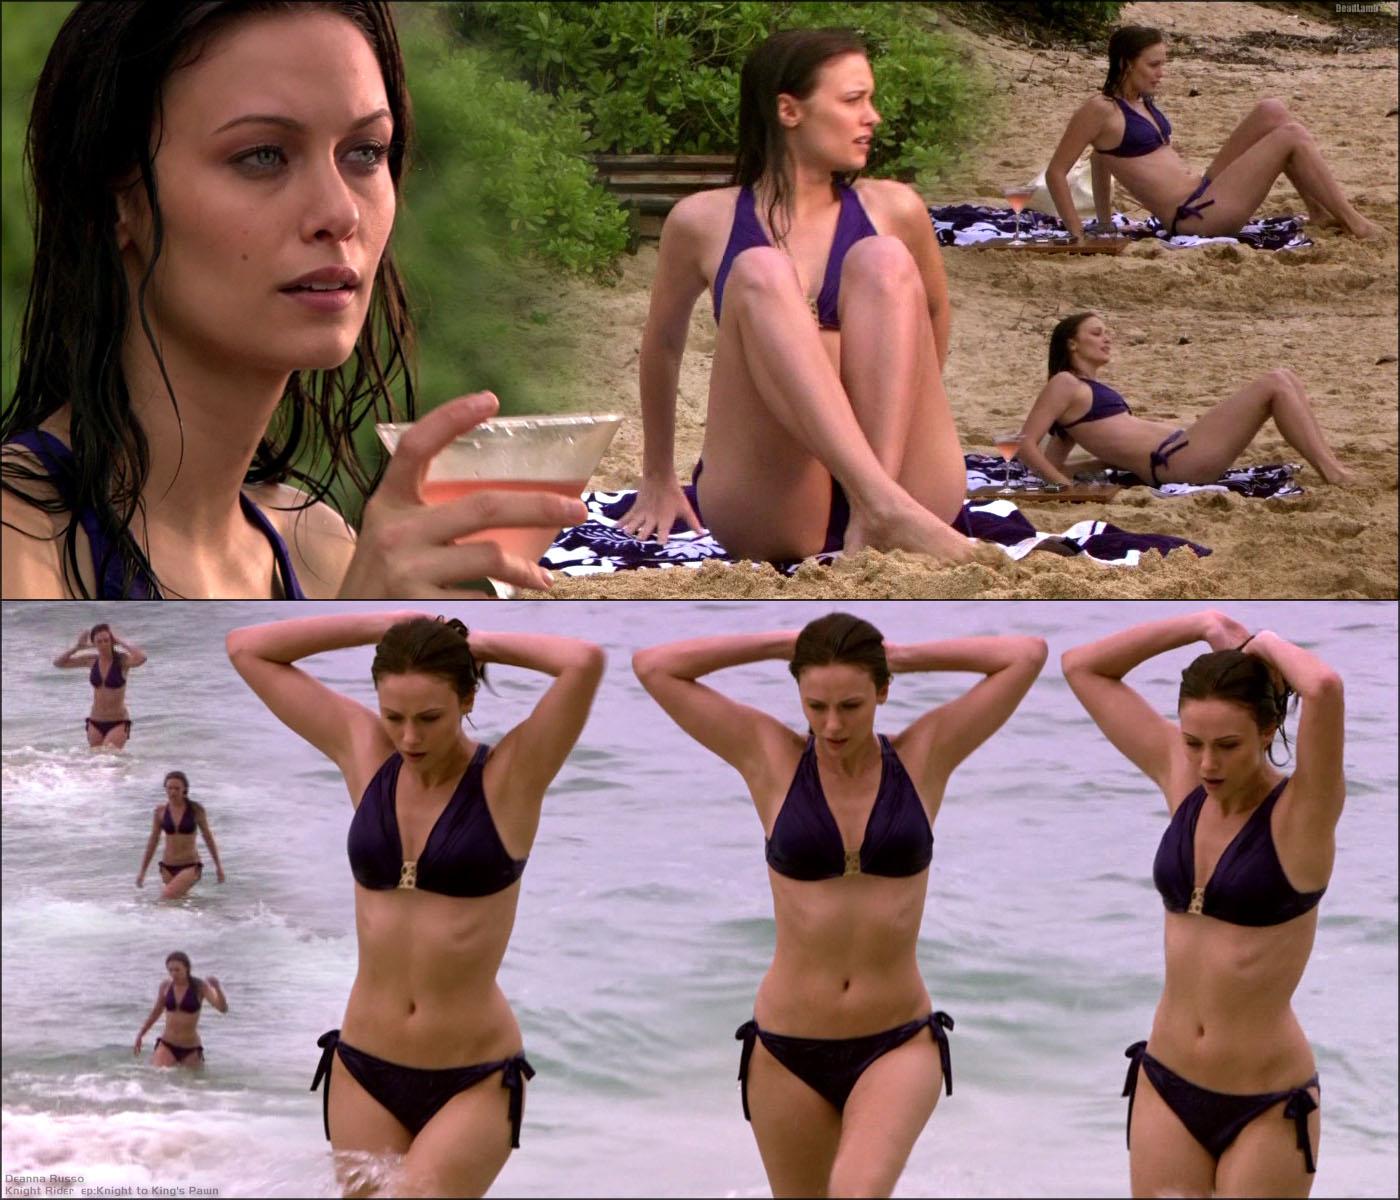 deanna russo bikini